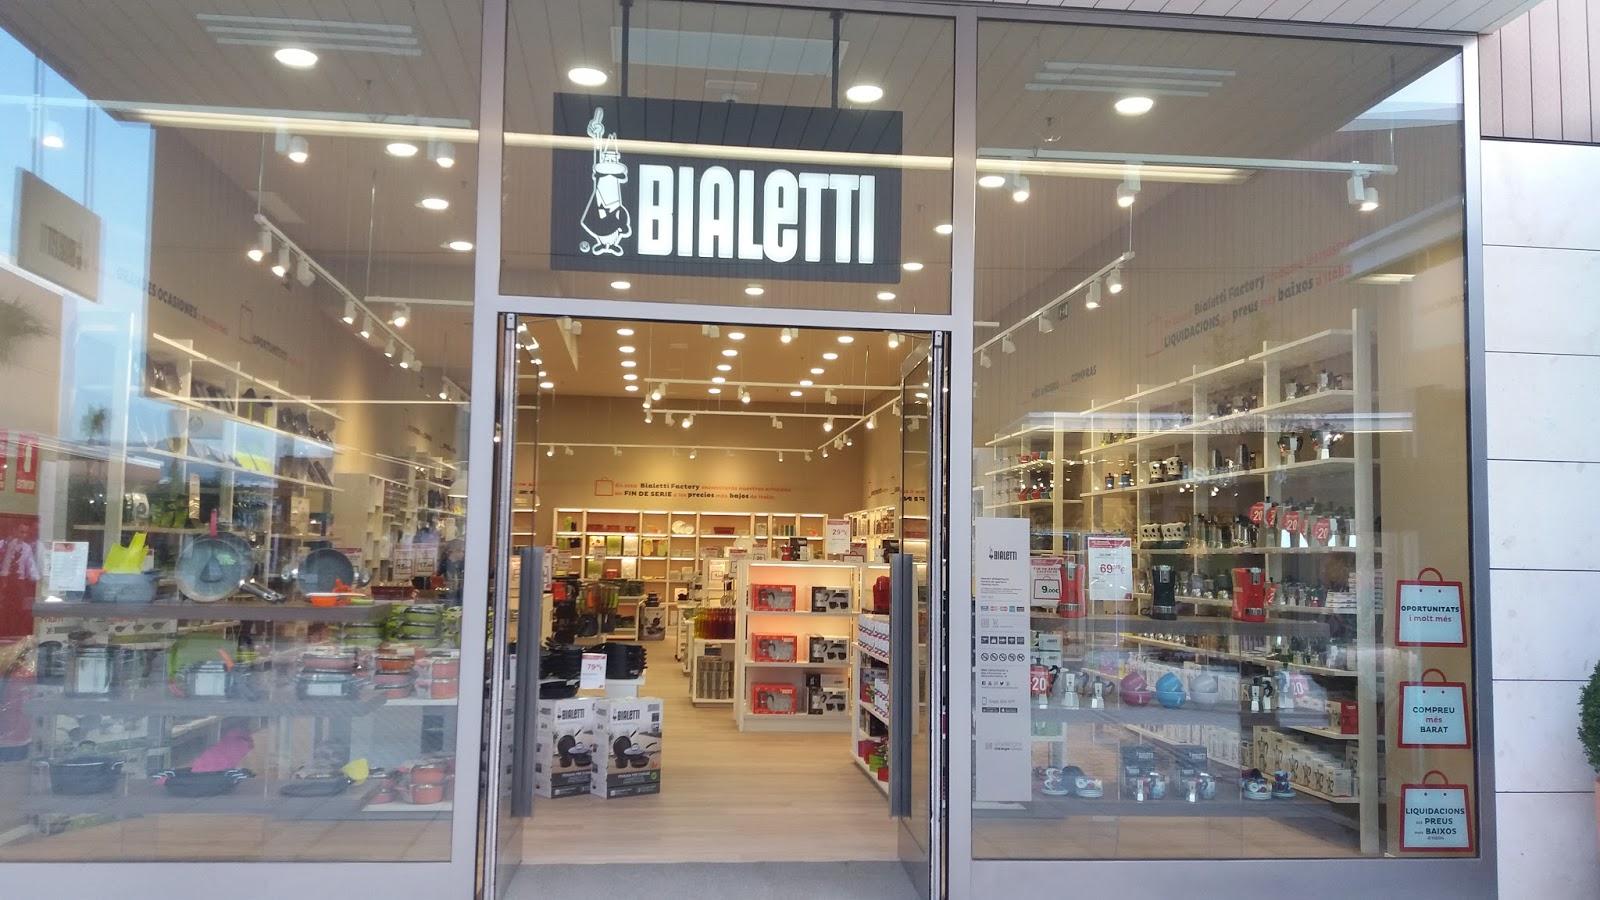 756145b4657 Una de las cosas que más me gustó de este nuevo centro comercial es la  variedad de tiendas